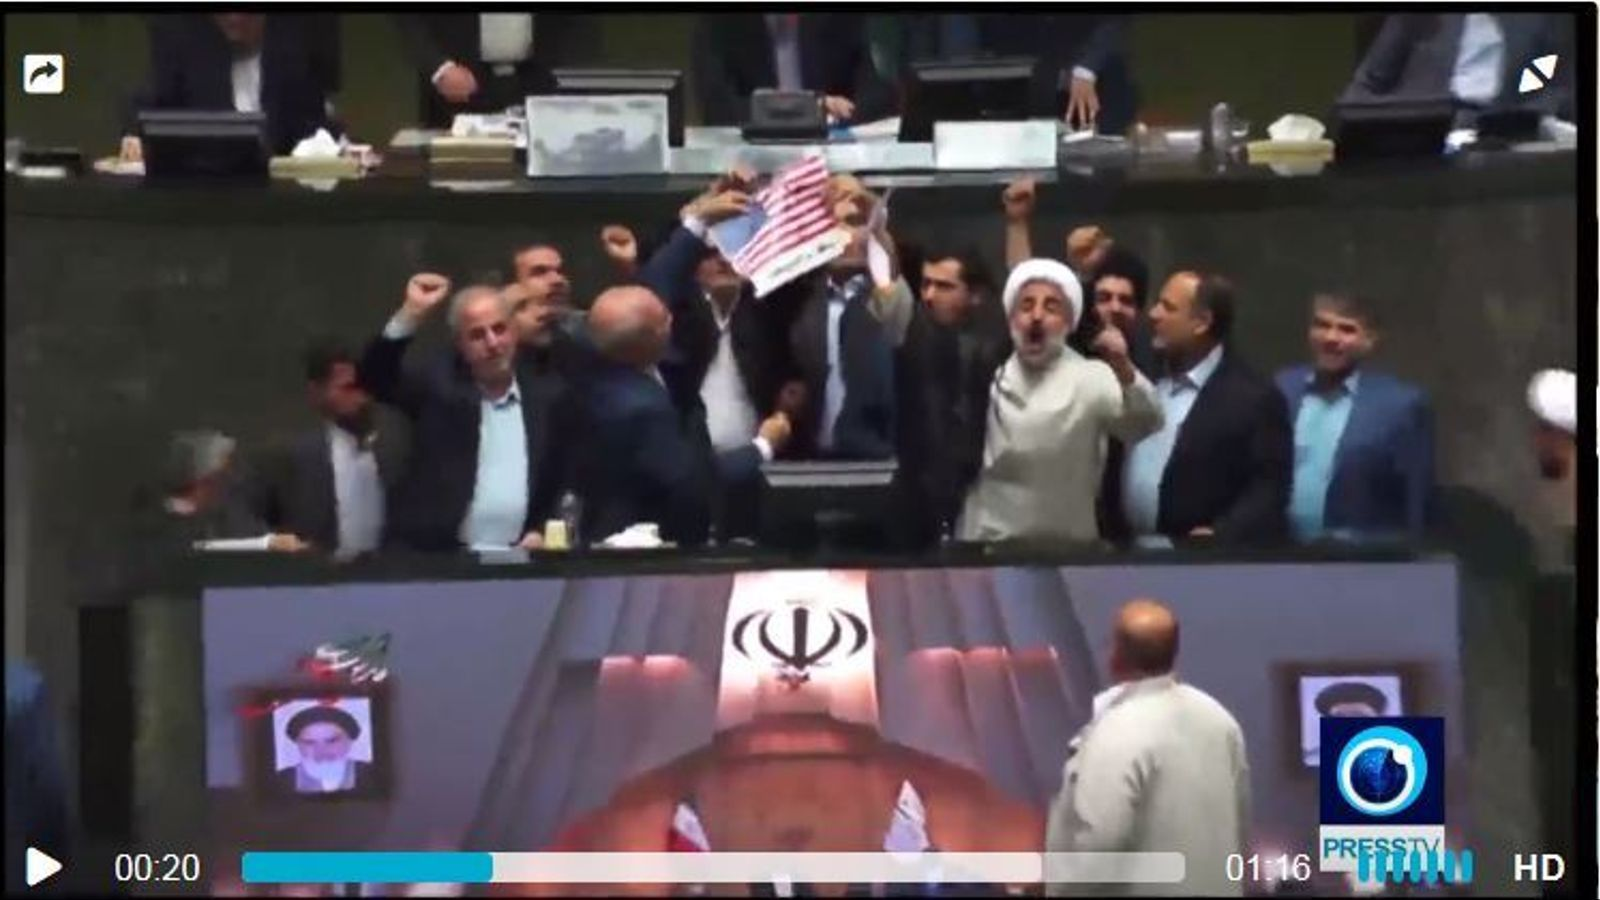 Parlamentaris iranians desfermen la seva ira cremant l'acord nuclear i una bandera dels Estats Units